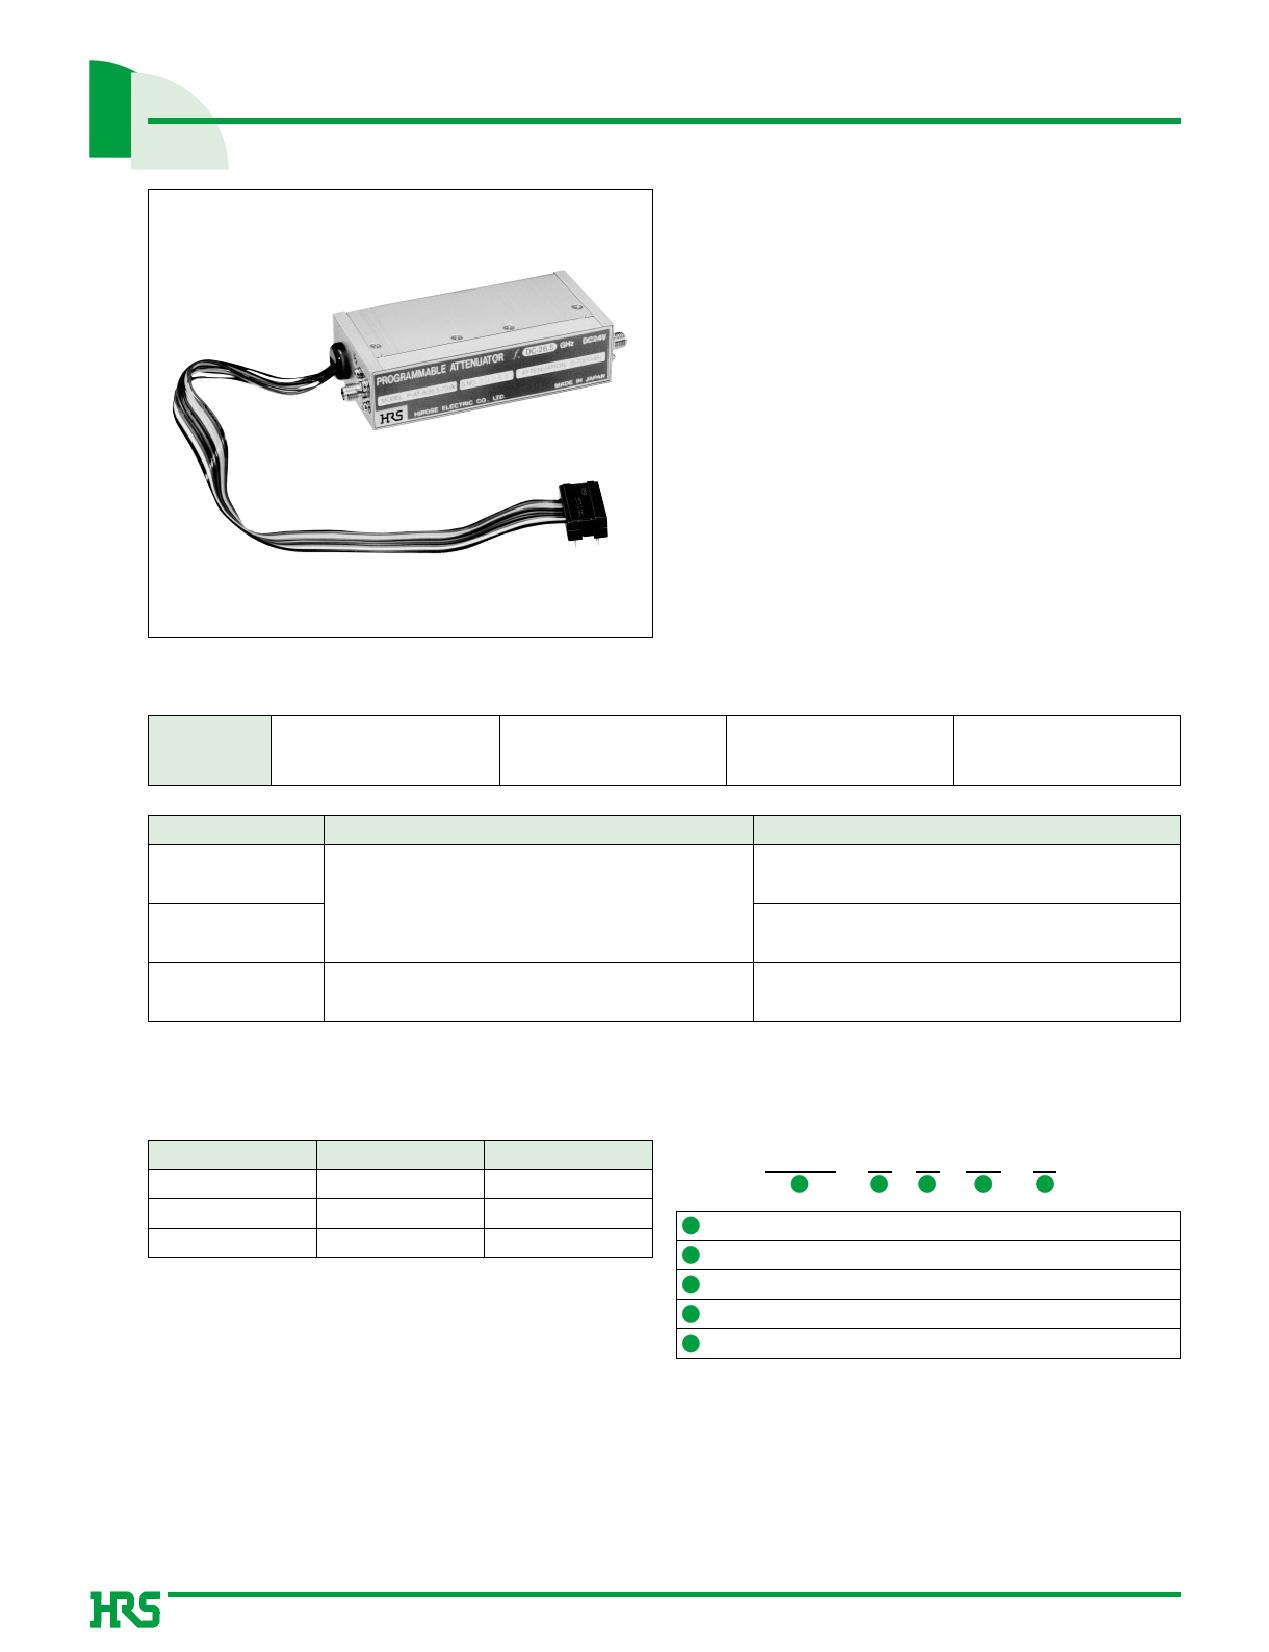 P-AT-6(8-70)A datasheet